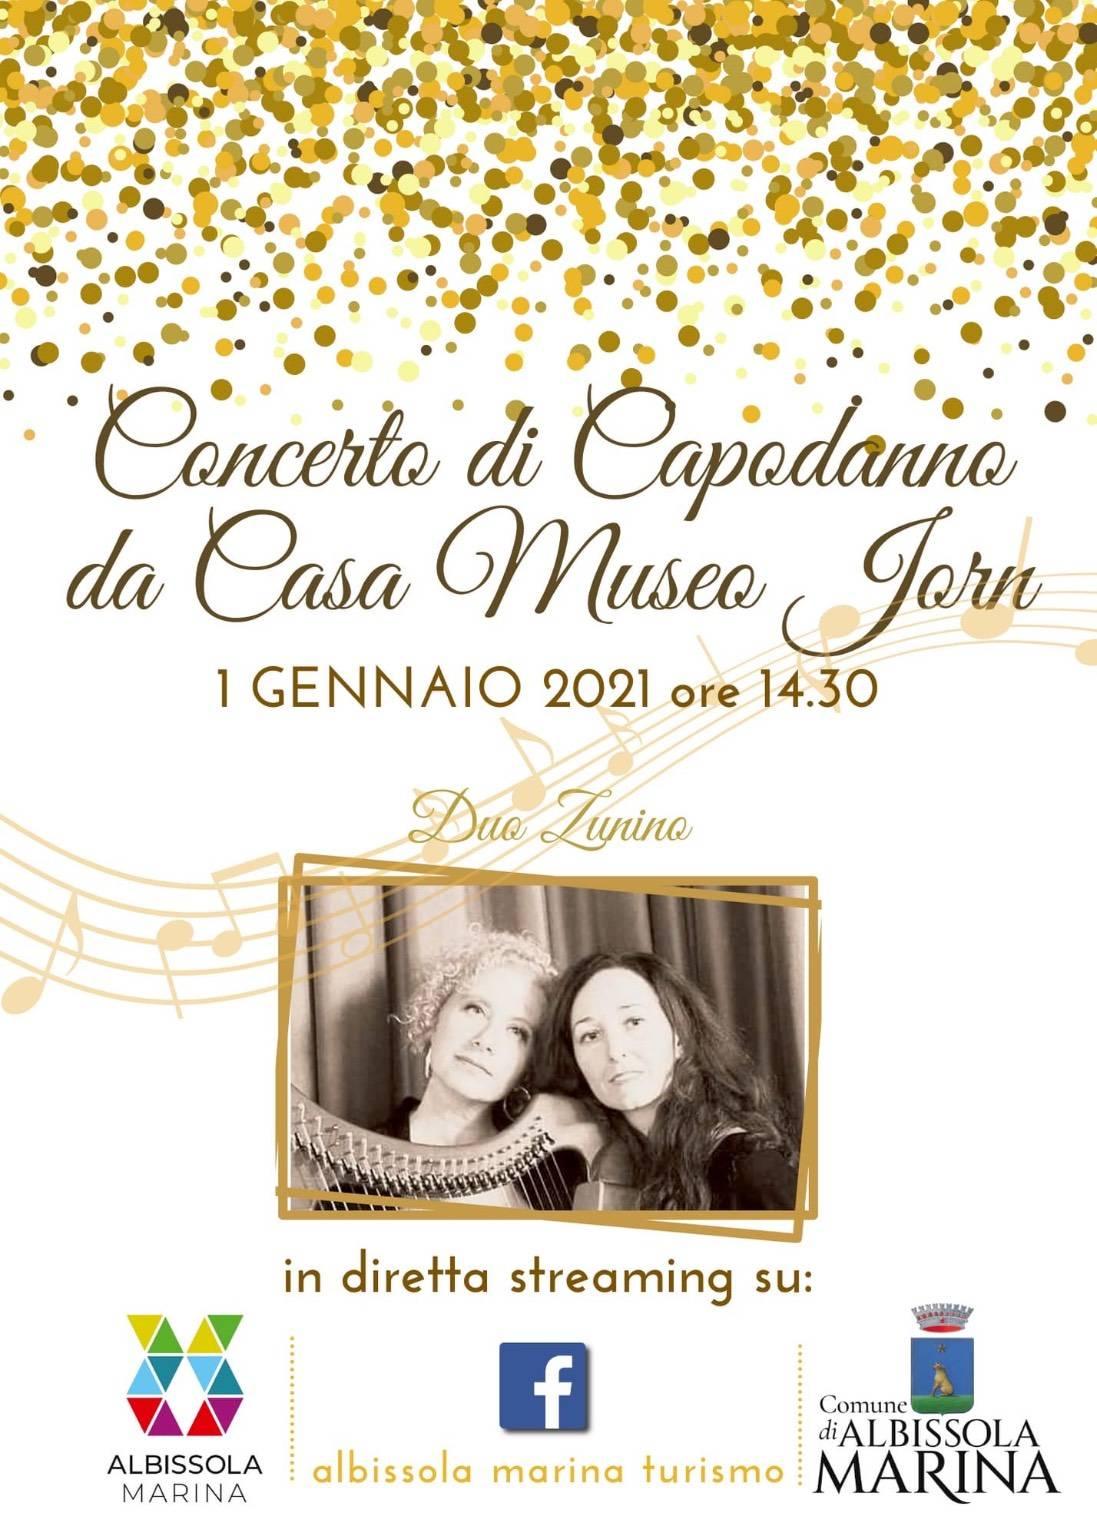 """Albissola Marina """"Concerto di Capodanno da Casa Museo Jorn"""" 2021"""